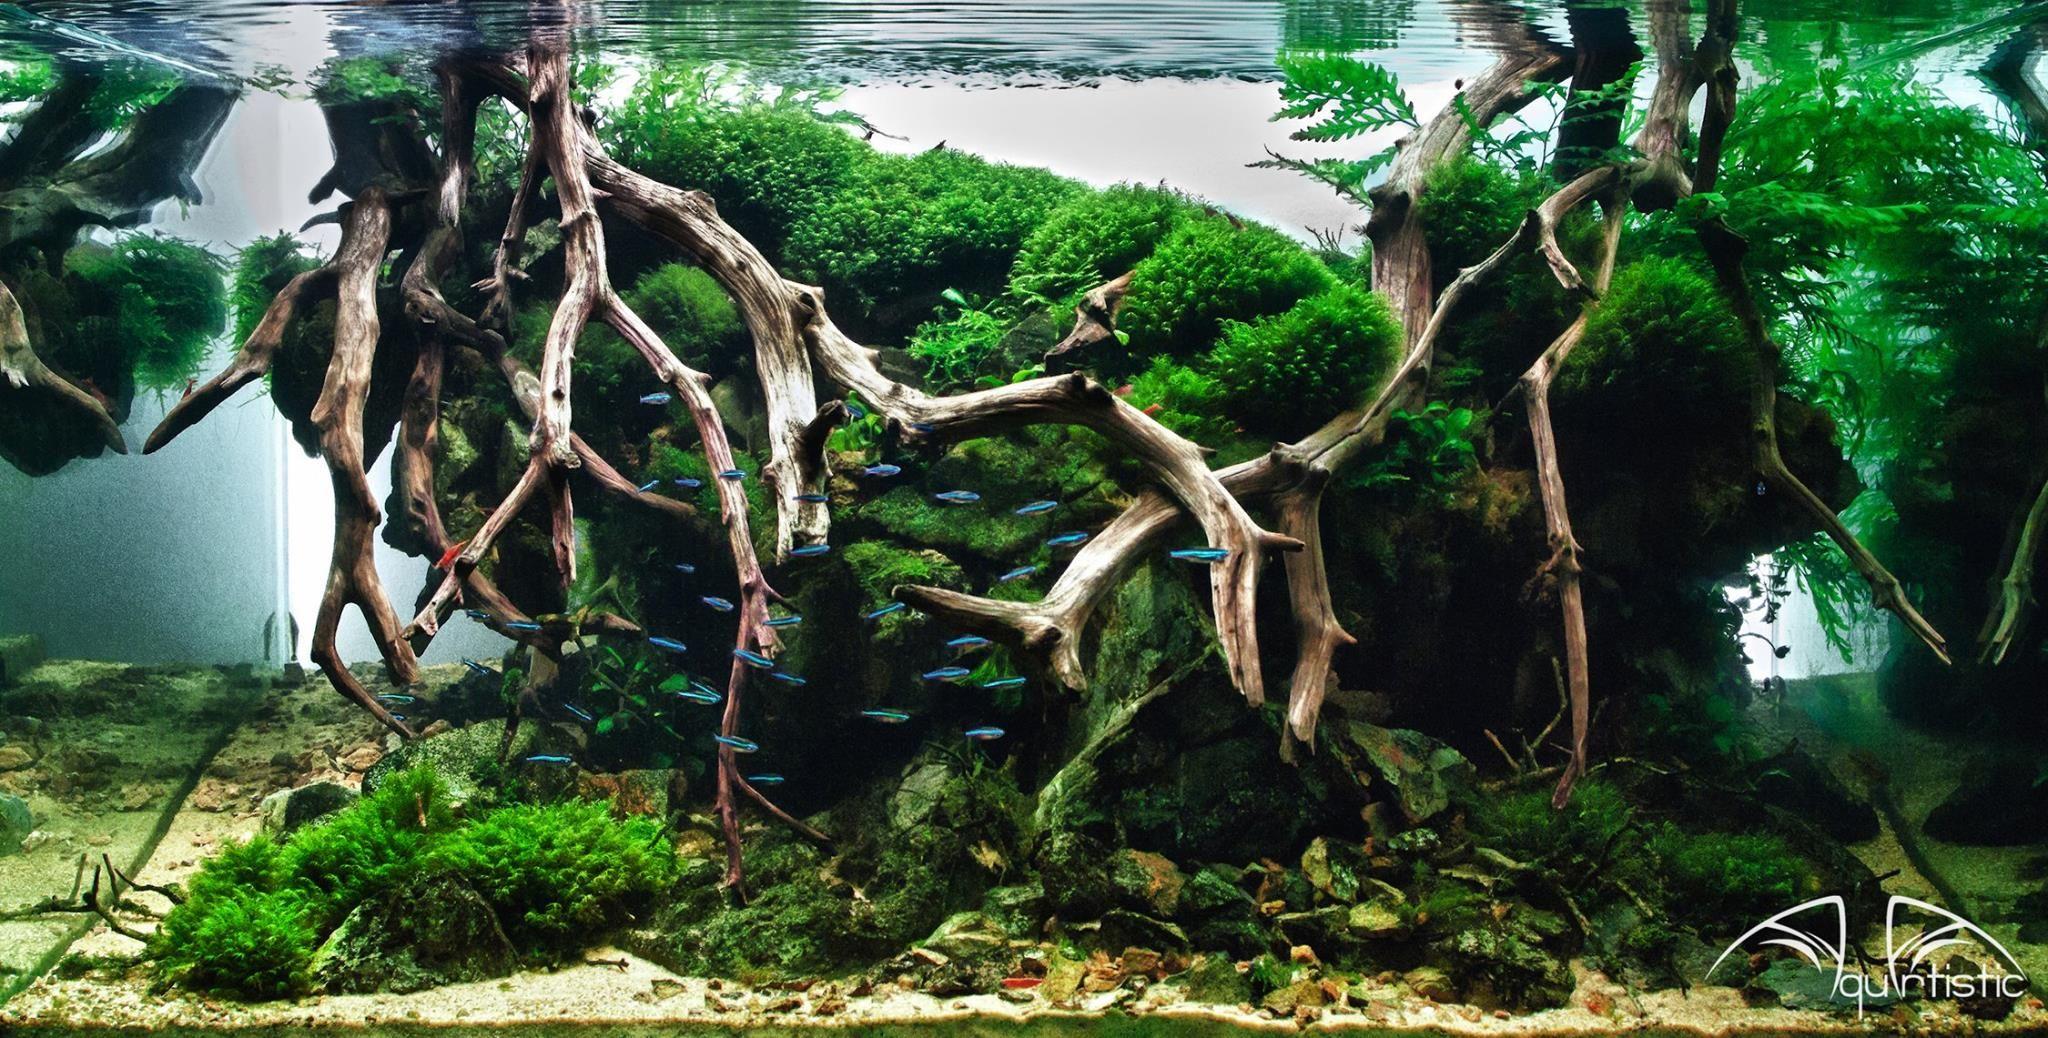 Super dat de vissen er rond kunnen zwemmen. Heeft zoiets zeeaquarium achtig.